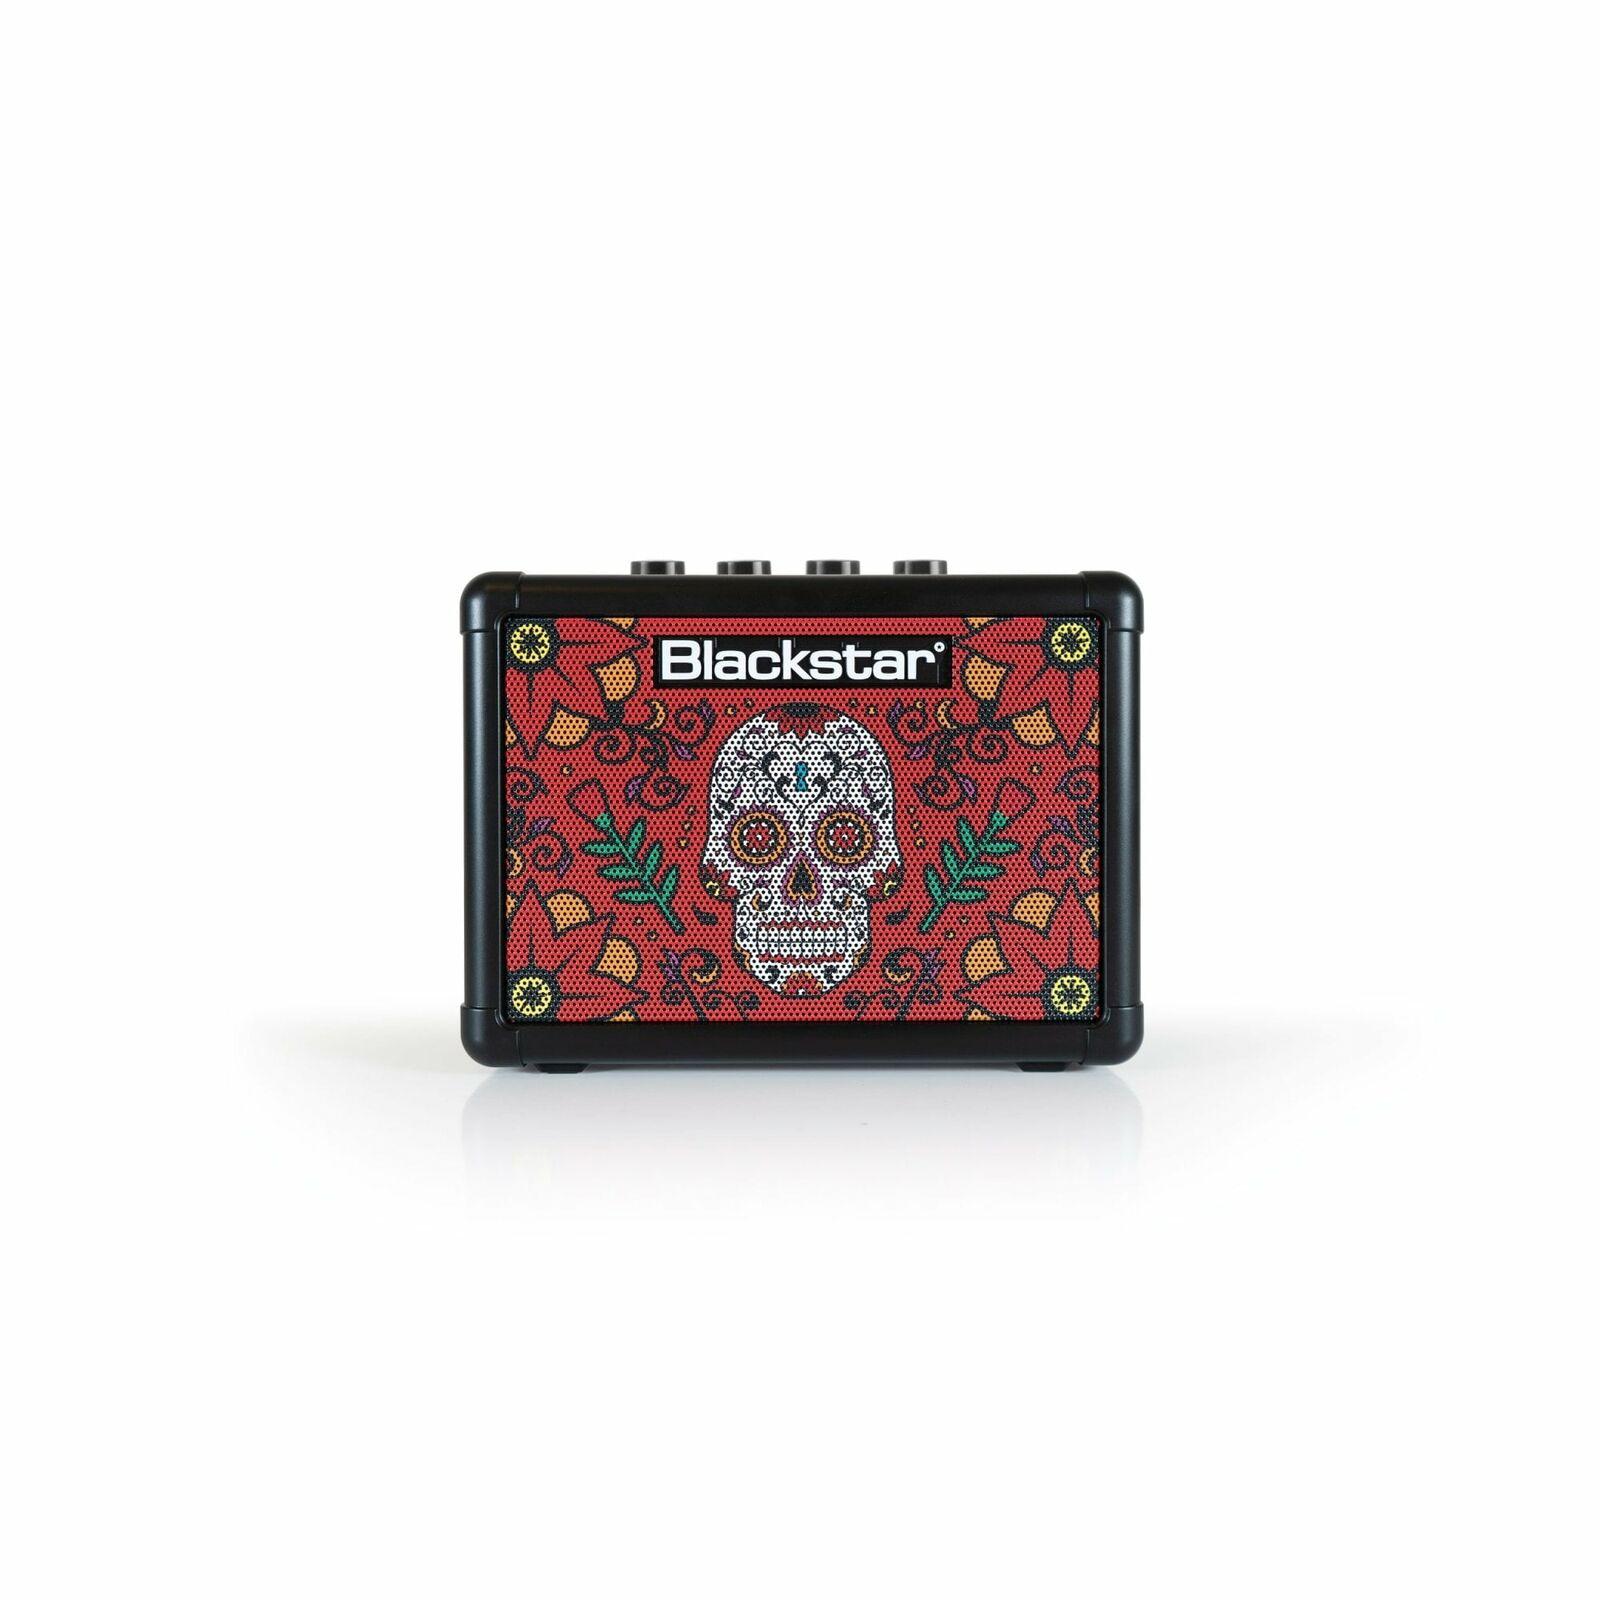 Blackstar Fly 3 Sugar Skull Mini Amp Limited Edition v2